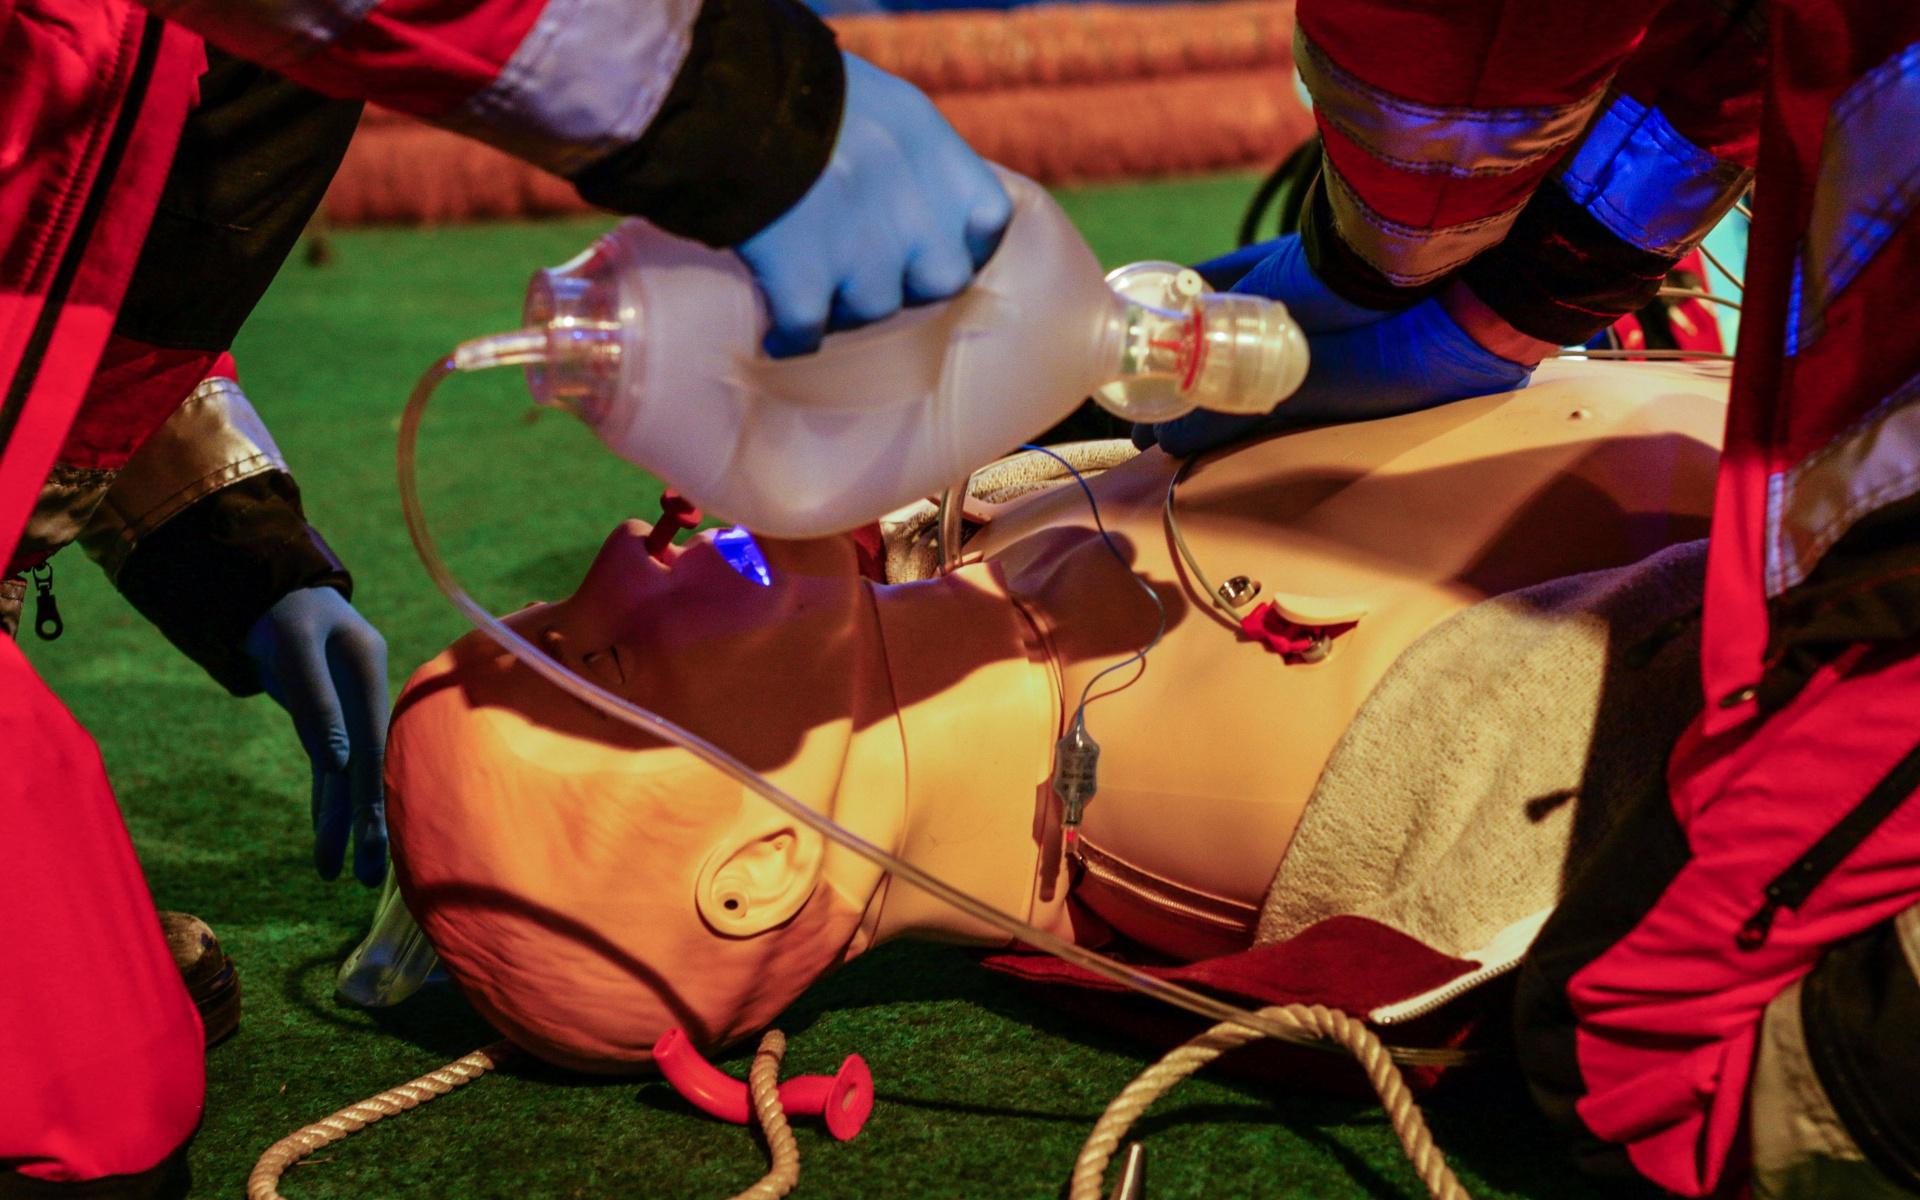 Mit den hochmodernen Simulatorpuppen können die Trainingsleiter eine Reihe von Krankheiten und Verletzungen darstellen.